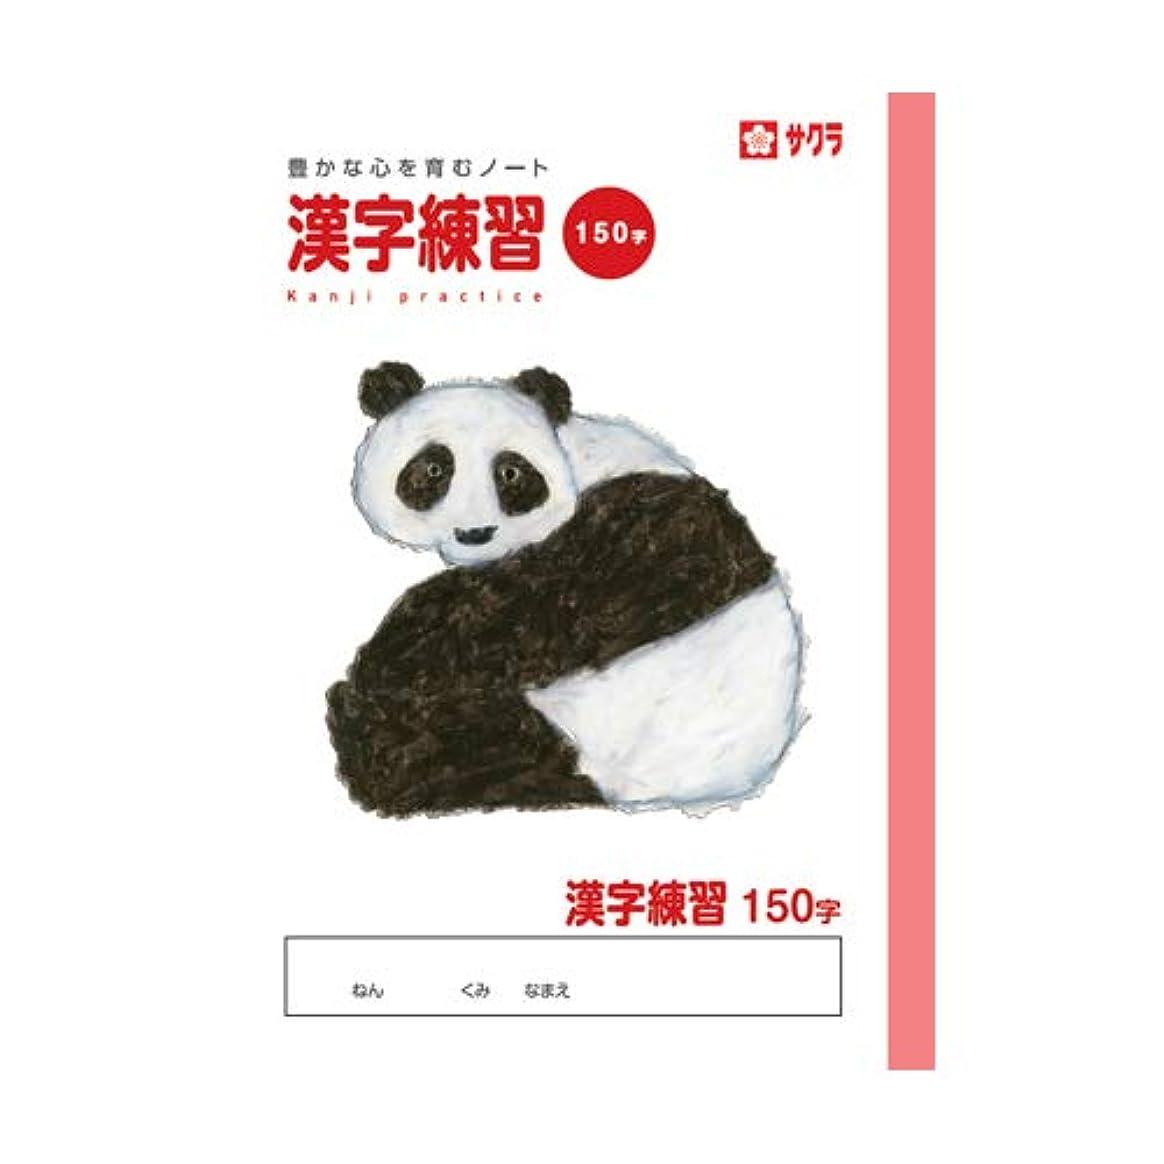 階下貴重なはっきりとサクラクレパス サクラ学習帳 漢字練習 150字 NP56 (× 3冊)